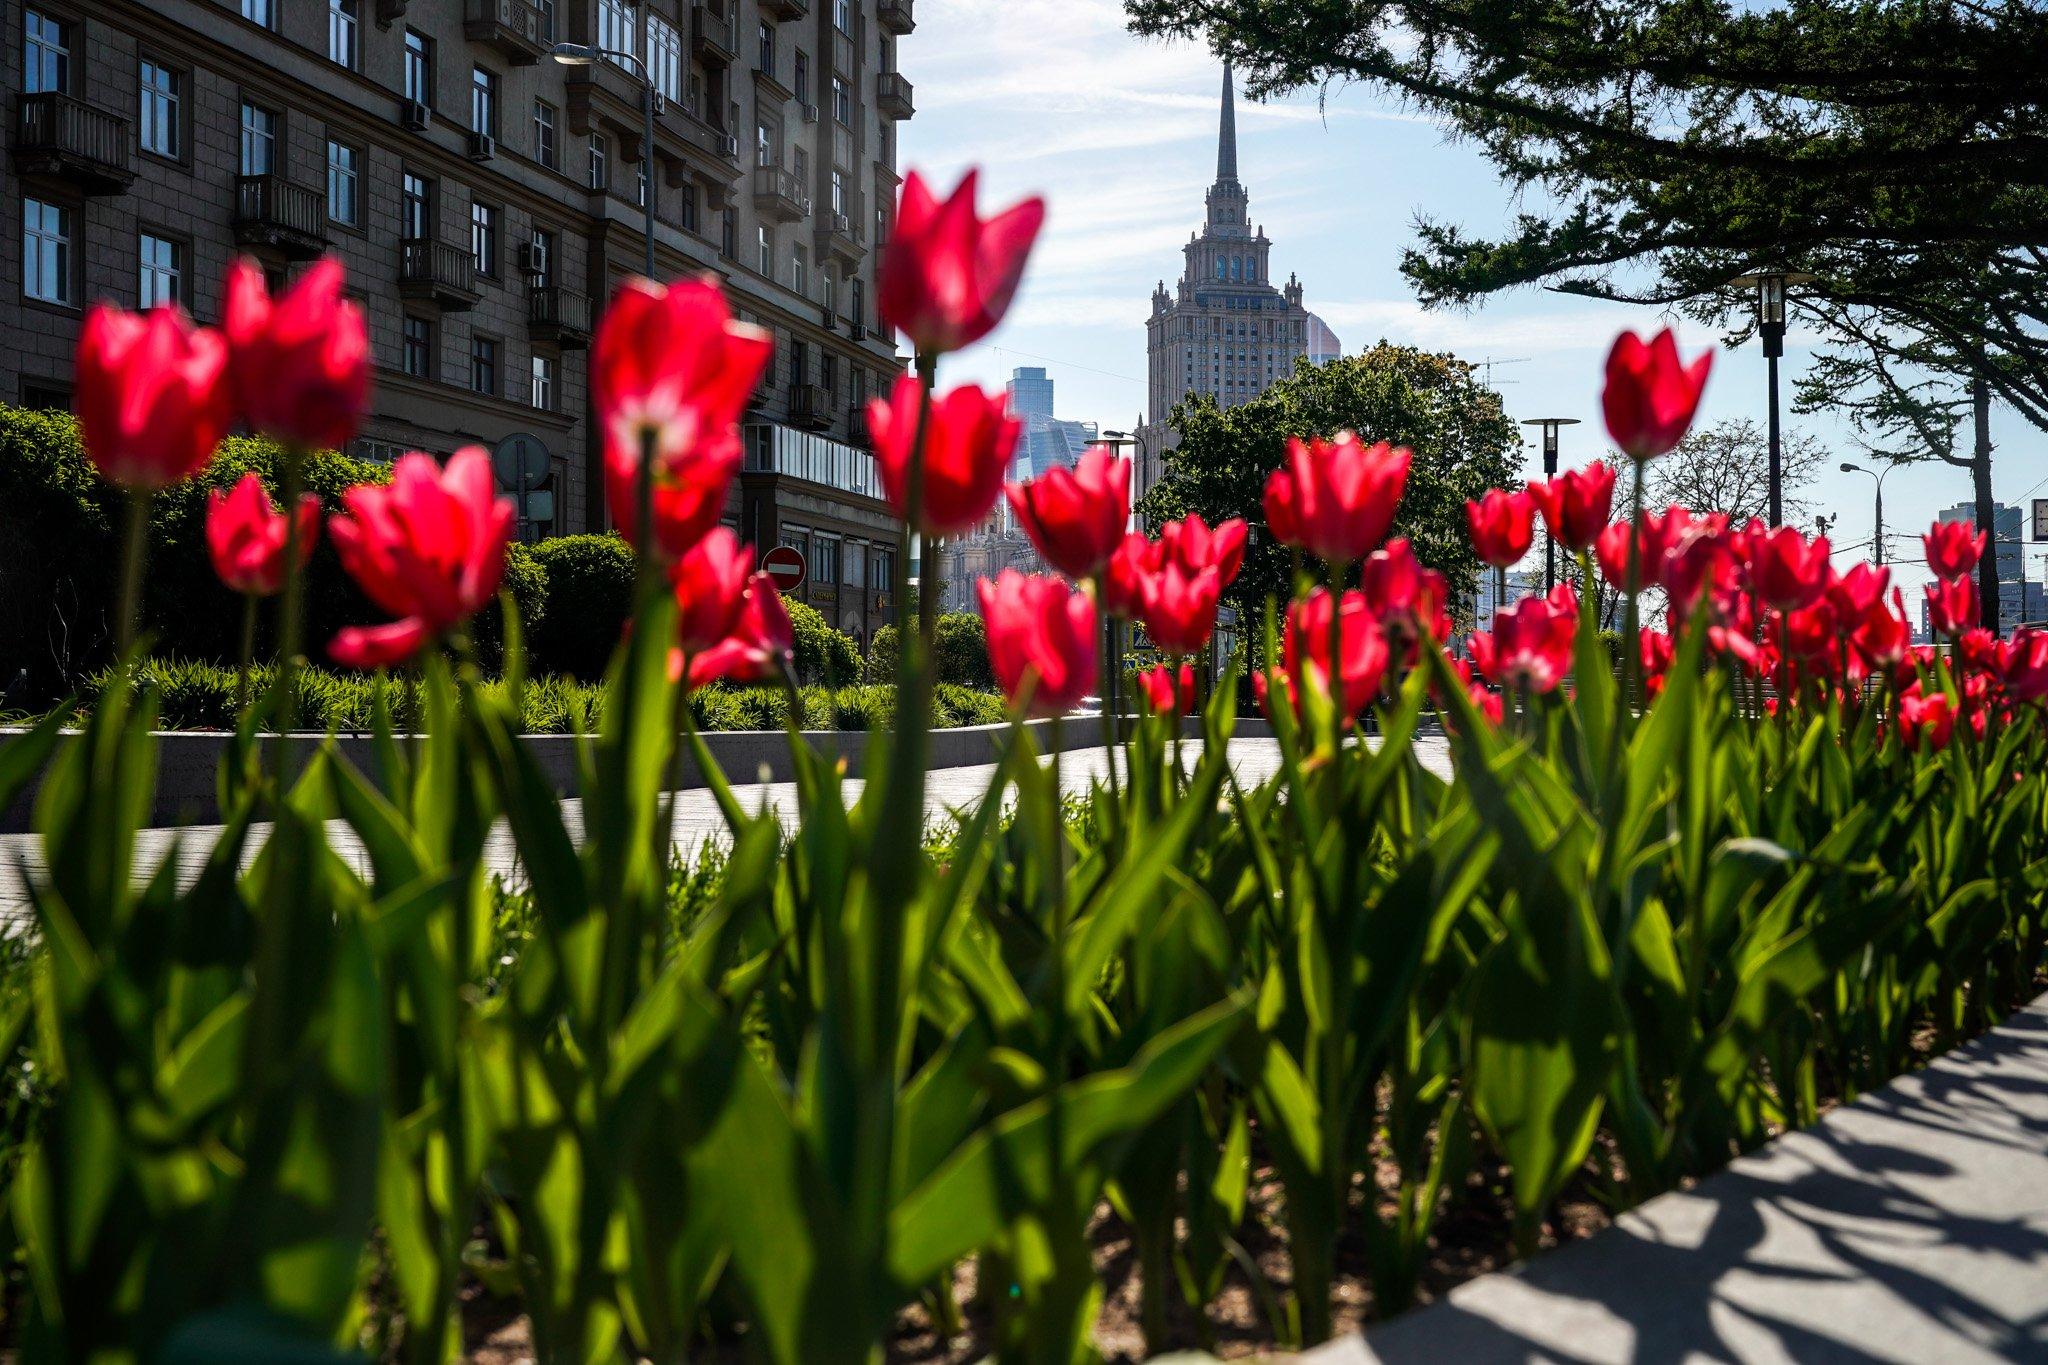 этих лучшие фото весны в москве способны удовлетворить запросы